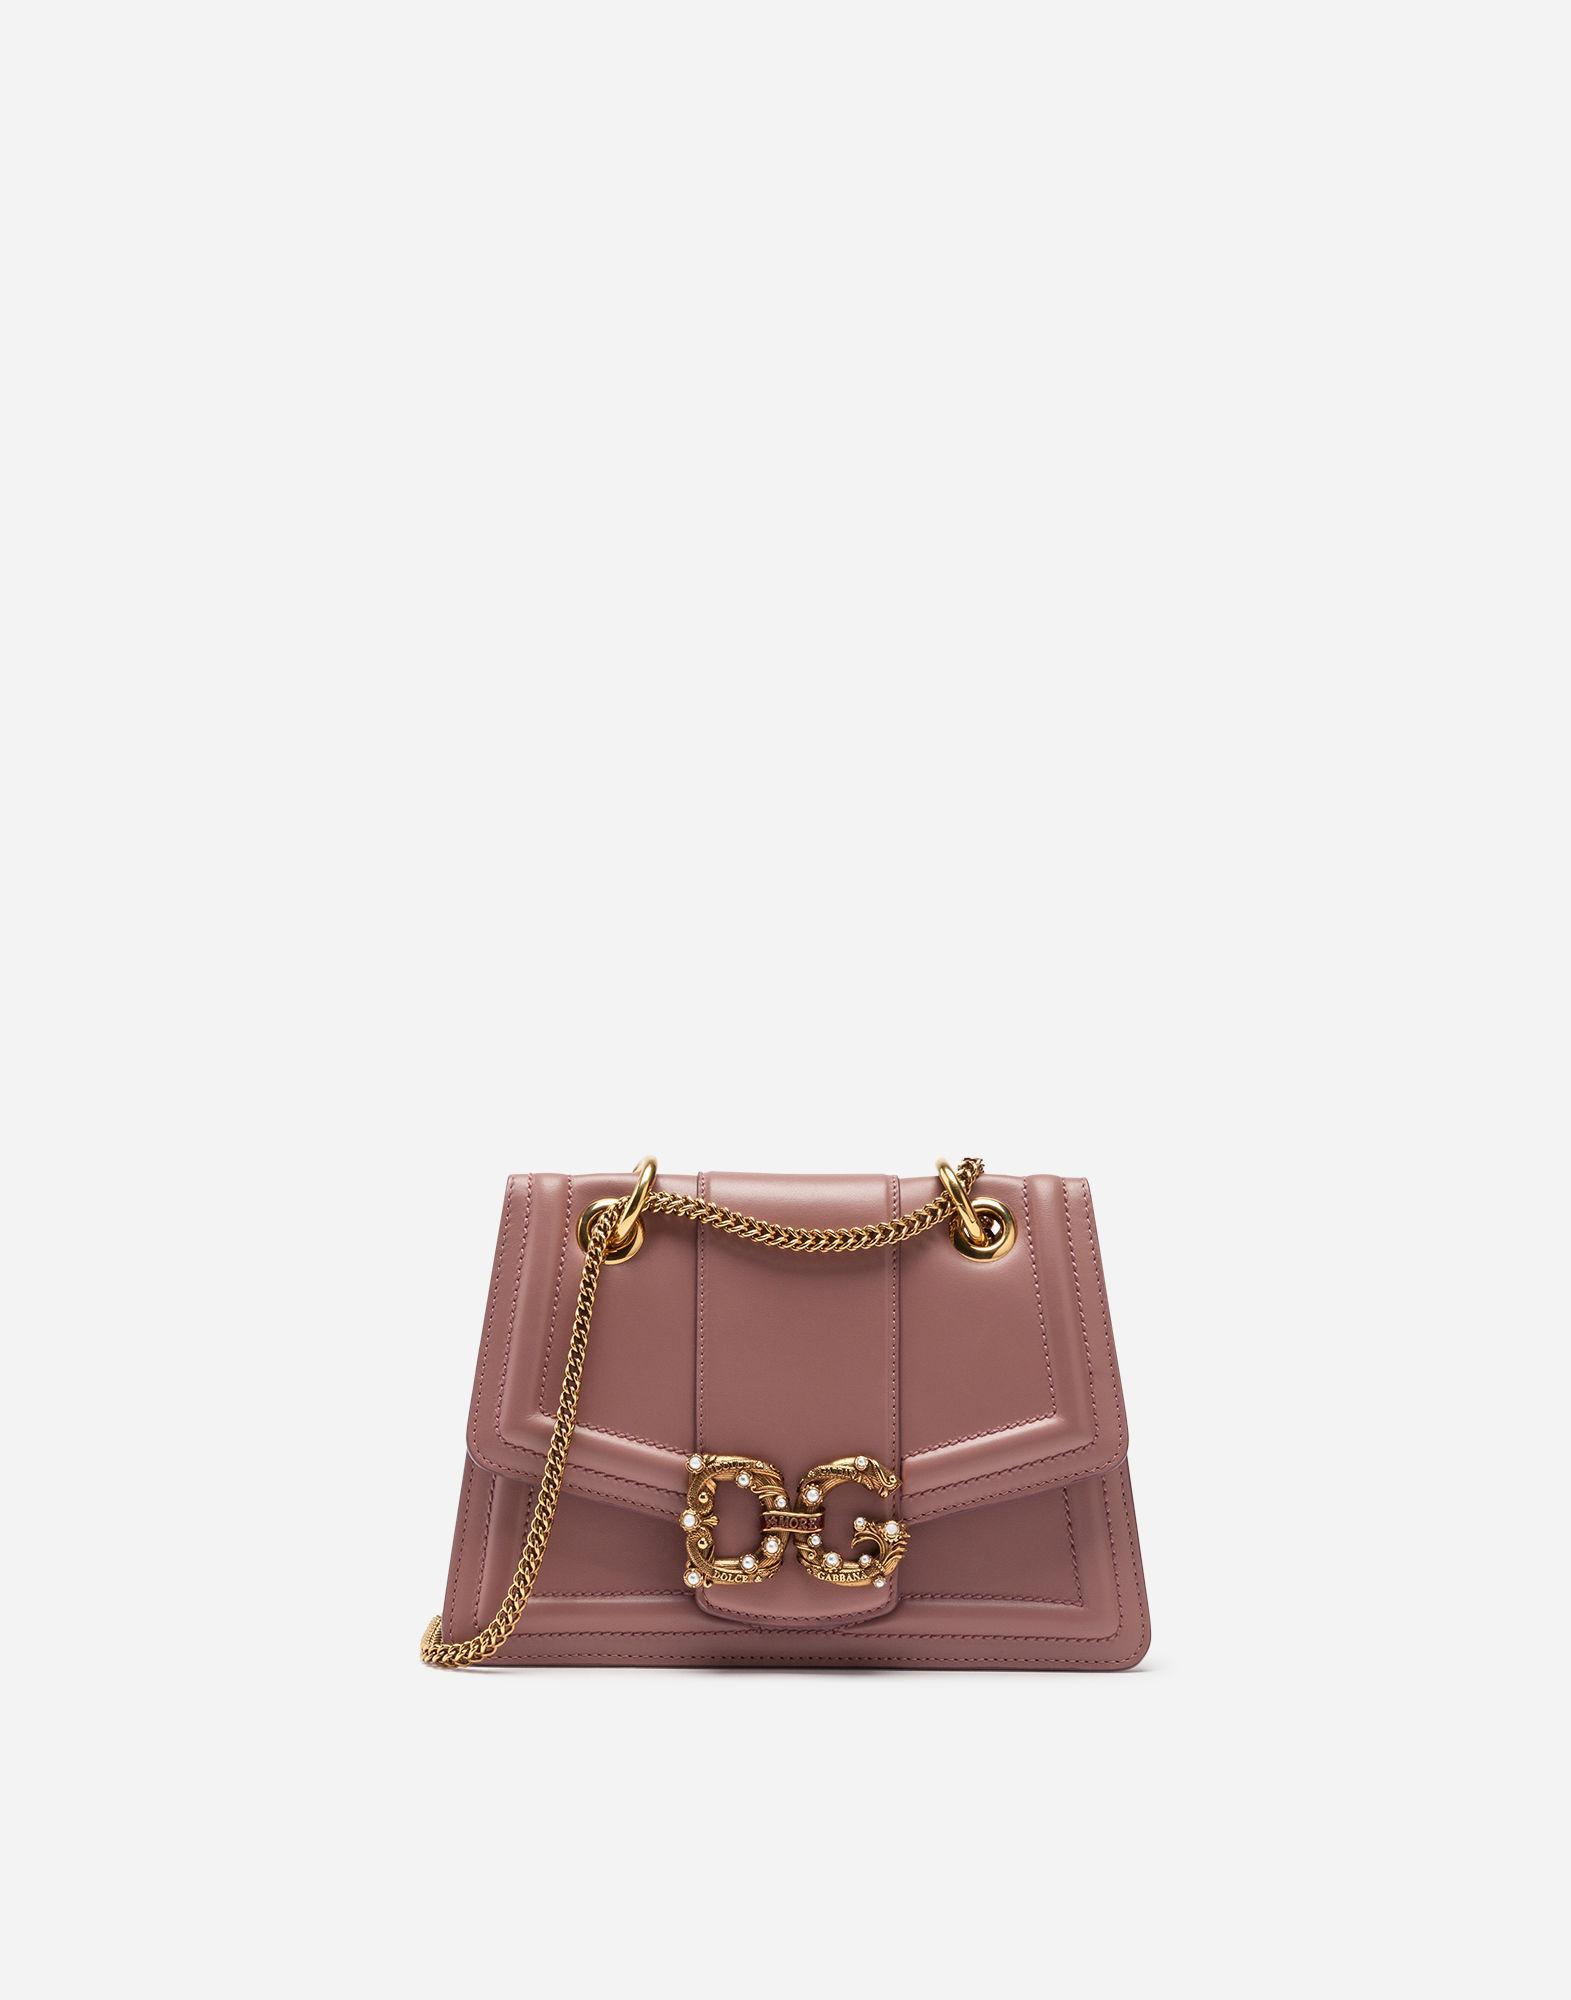 Lyst - Dolce   Gabbana Dg Amore Bag In Calfskin in Pink 495a5e8e37f77